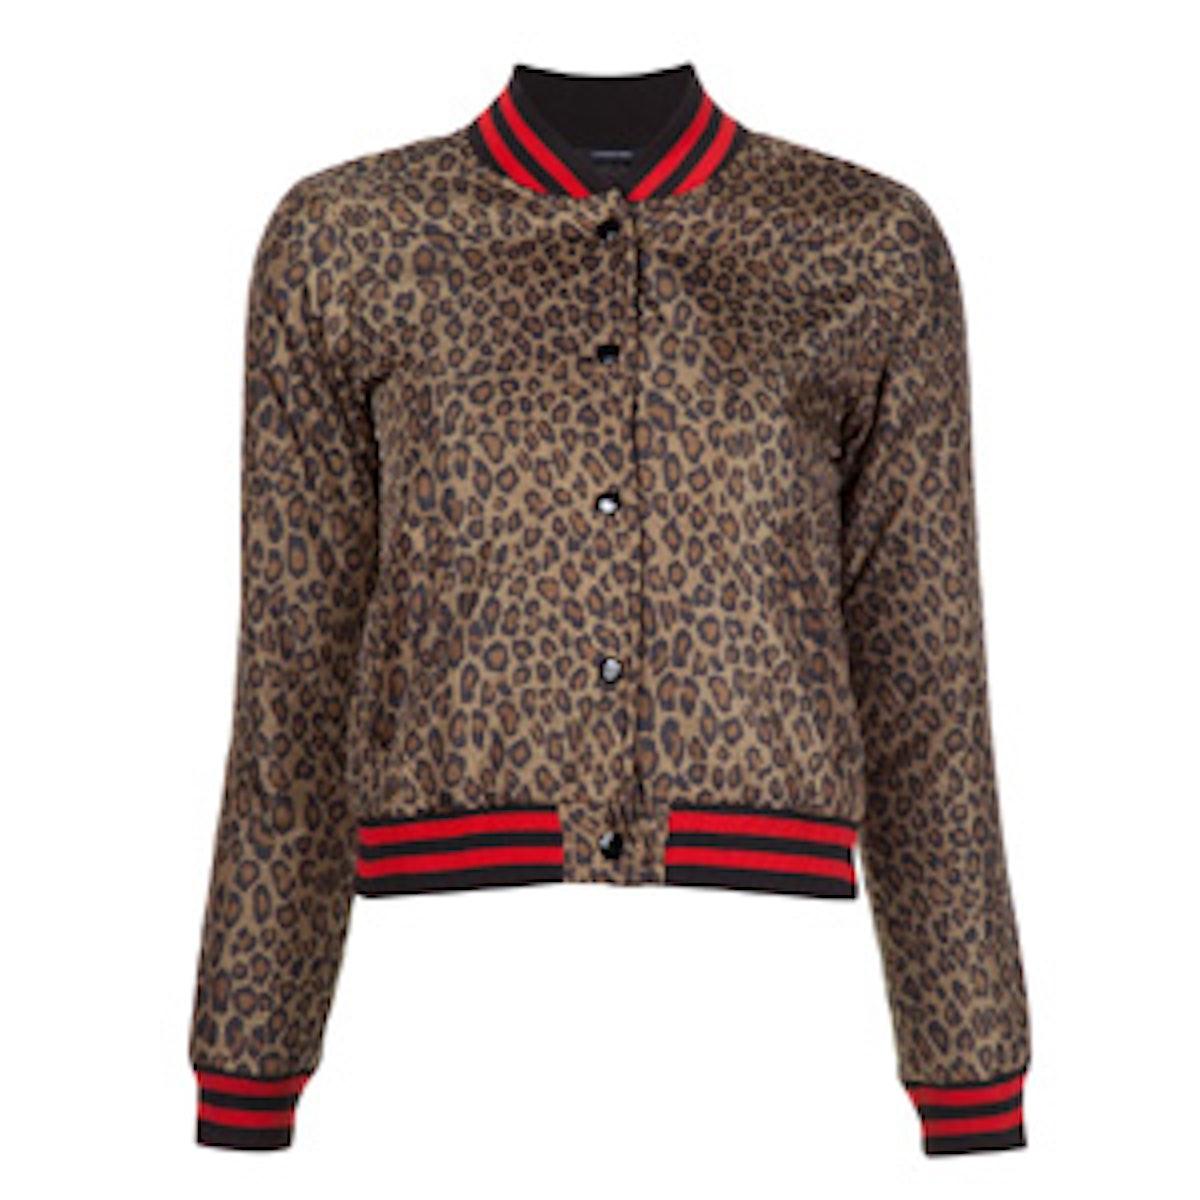 Leopard Print Roadie Jacket